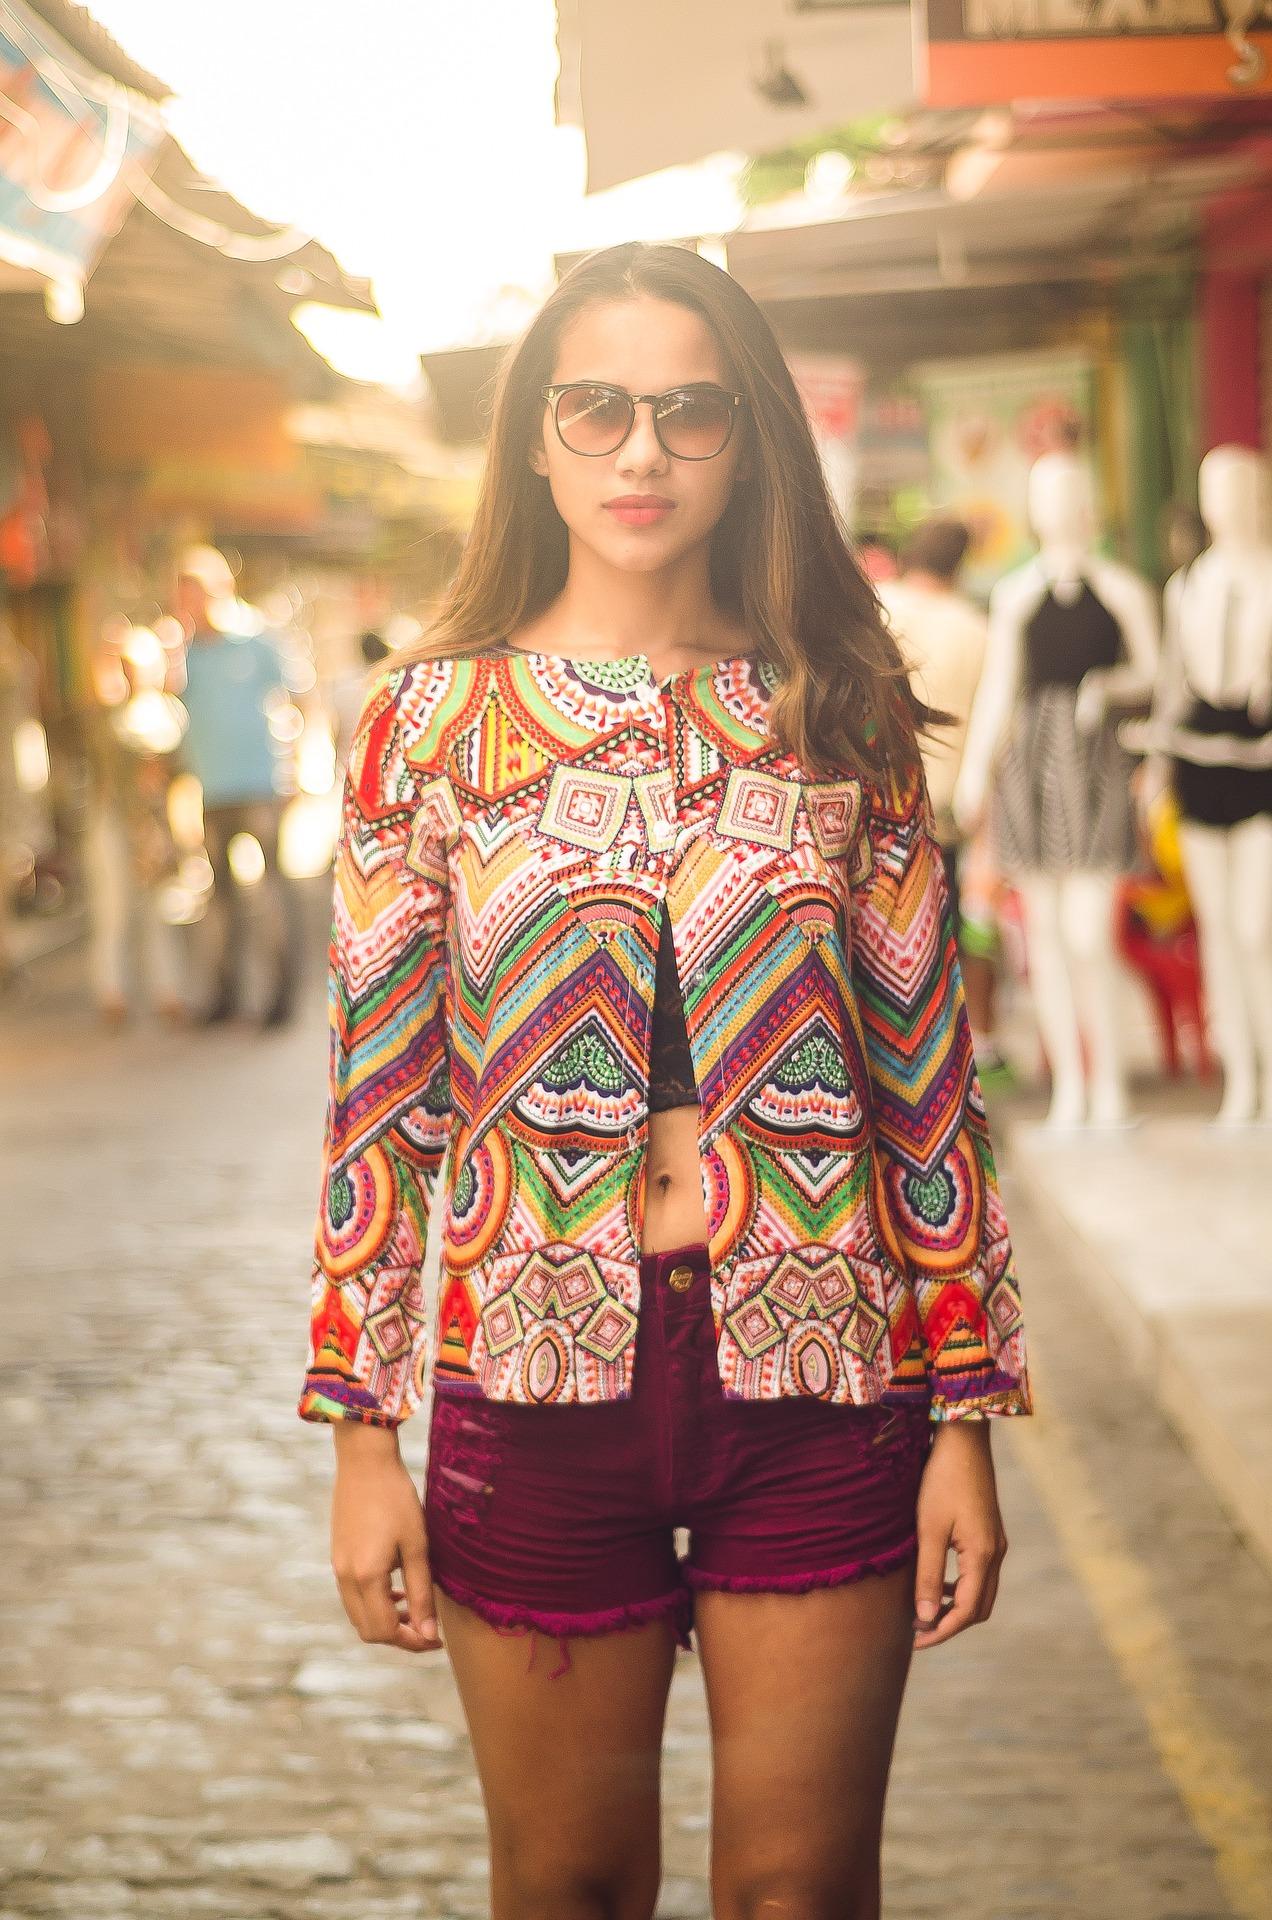 d5121d21a Či sa to týka pestrých farieb od výmyslu sveta, alebo konkrétnych kusov  oblečenia (trendy budú napríklad kostýmy so sukňou), táto dekáda sa opäť  ozve vo ...